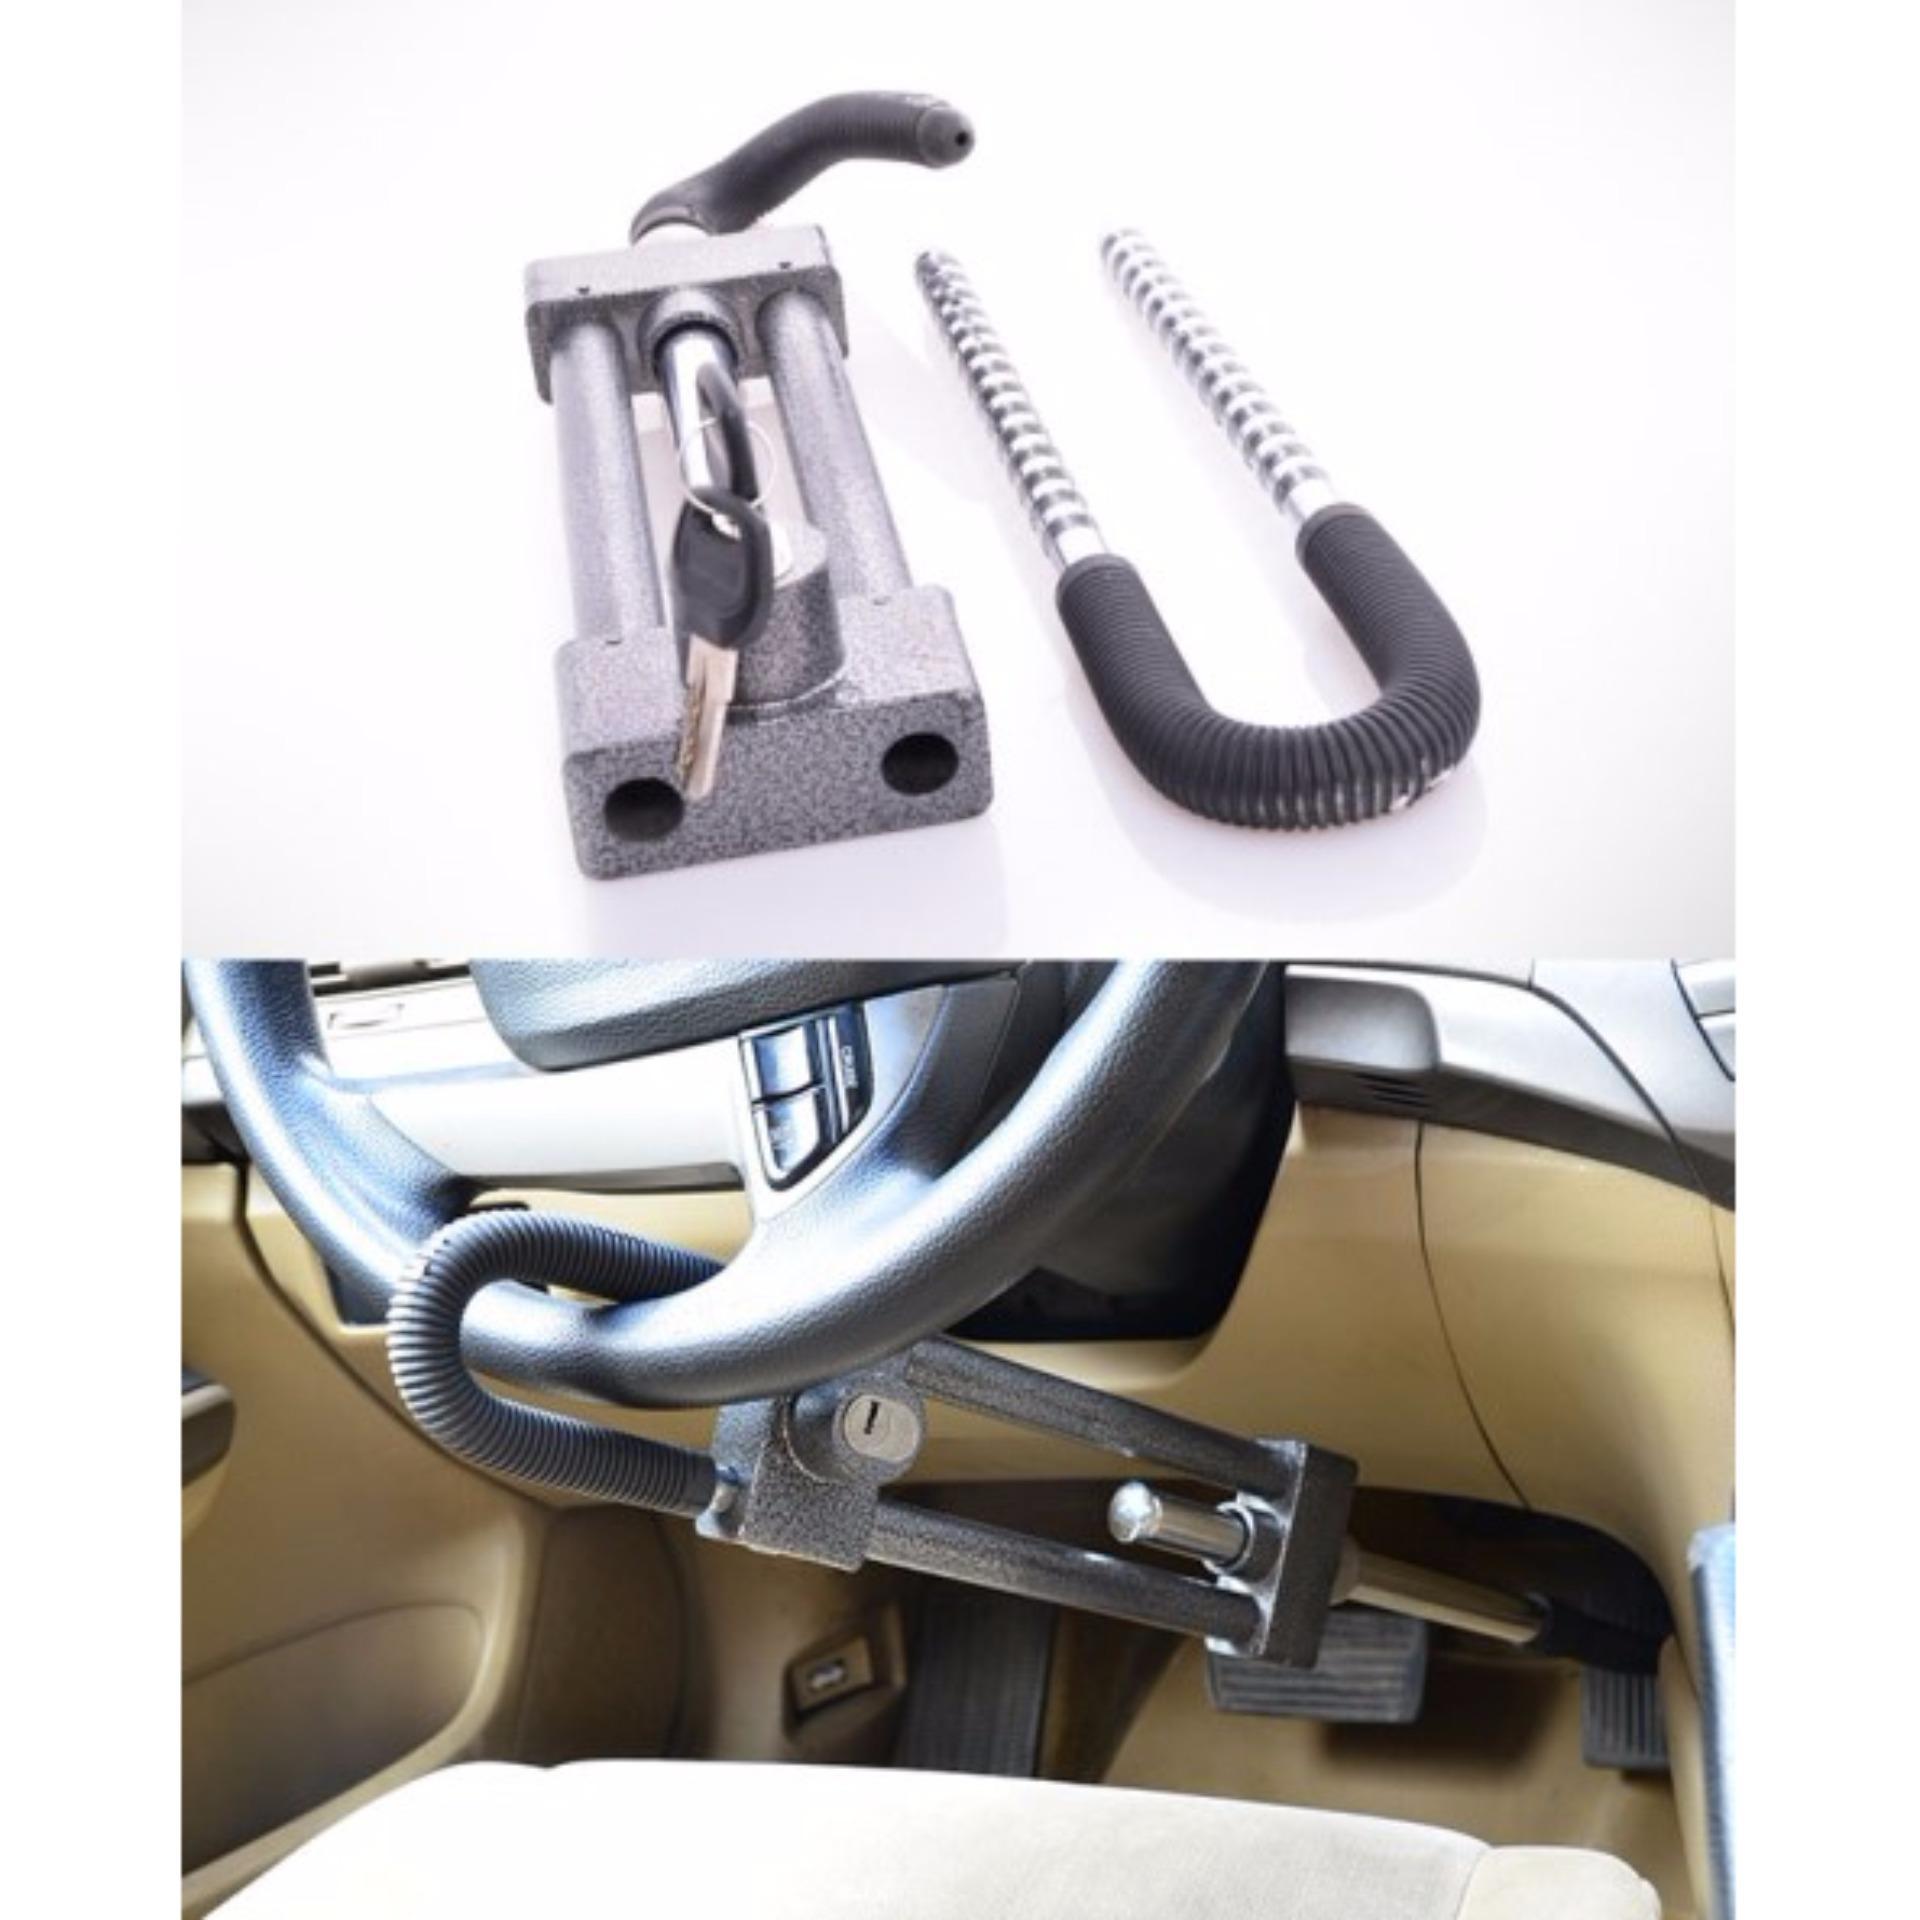 Sloof Kunci Pengaman Stir Mobil Ke Pilar Anti Maling Daftar Harga Oklock P1 Stang Model 3pin Di Bagian Dengan Pedal